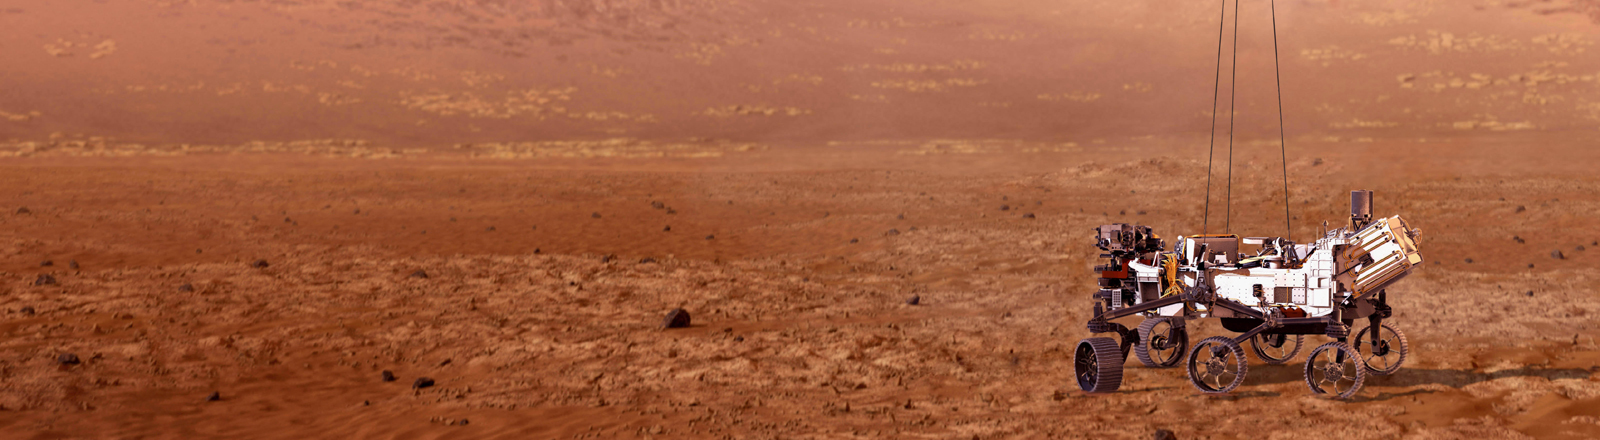 Eine Illustration der Nasa, wie der Perseverance-Rover auf dem Mars landen könnte.